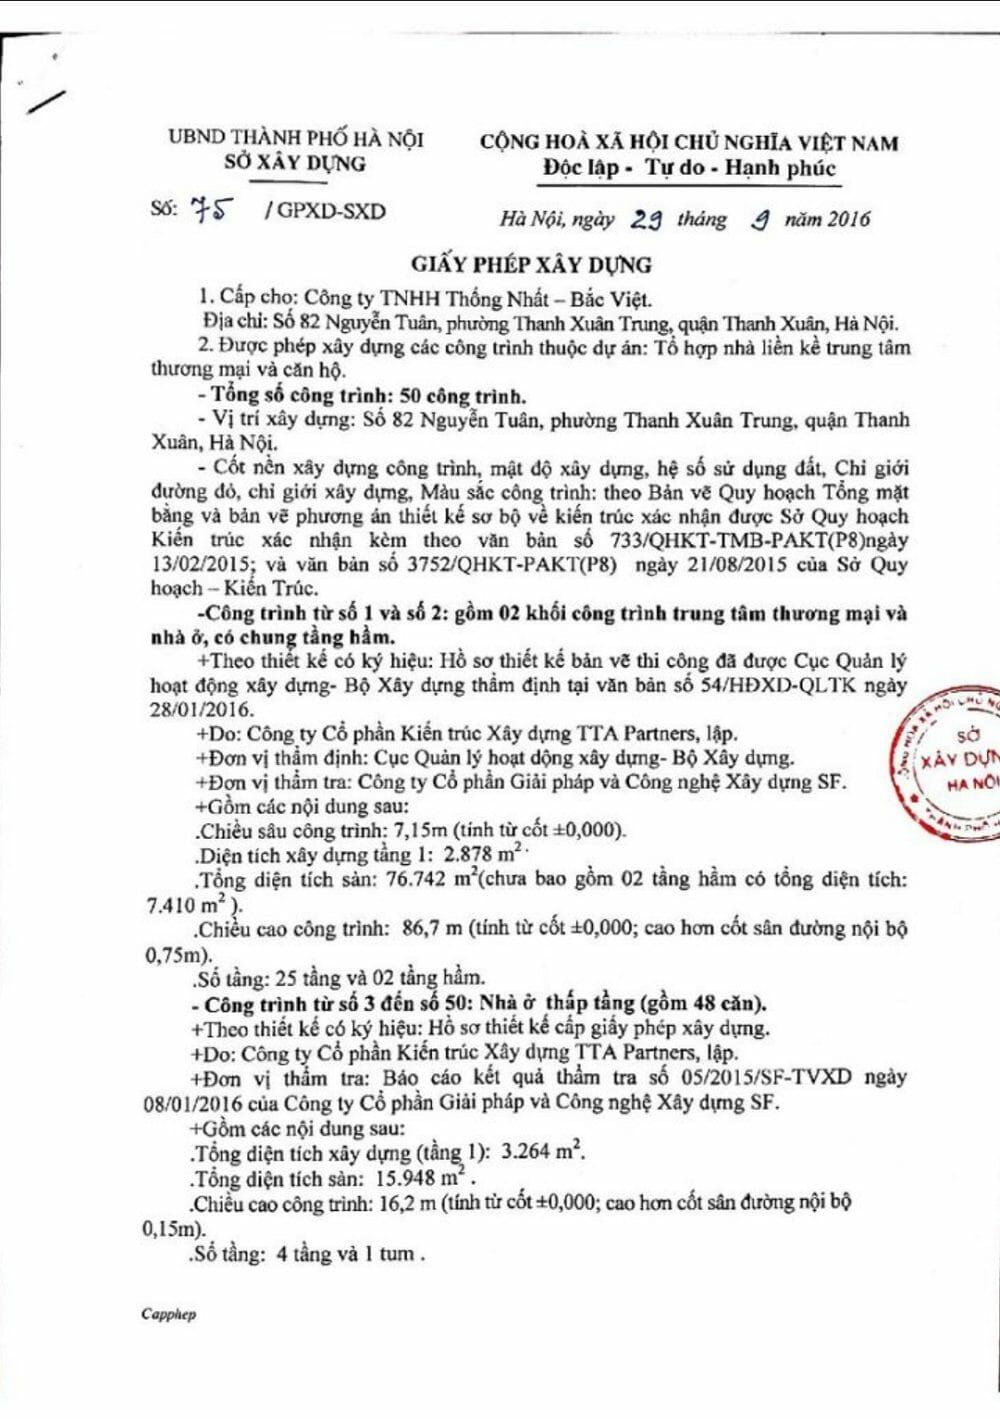 giay phep xay dung - Pháp Lý Căn Hộ Chung Cư